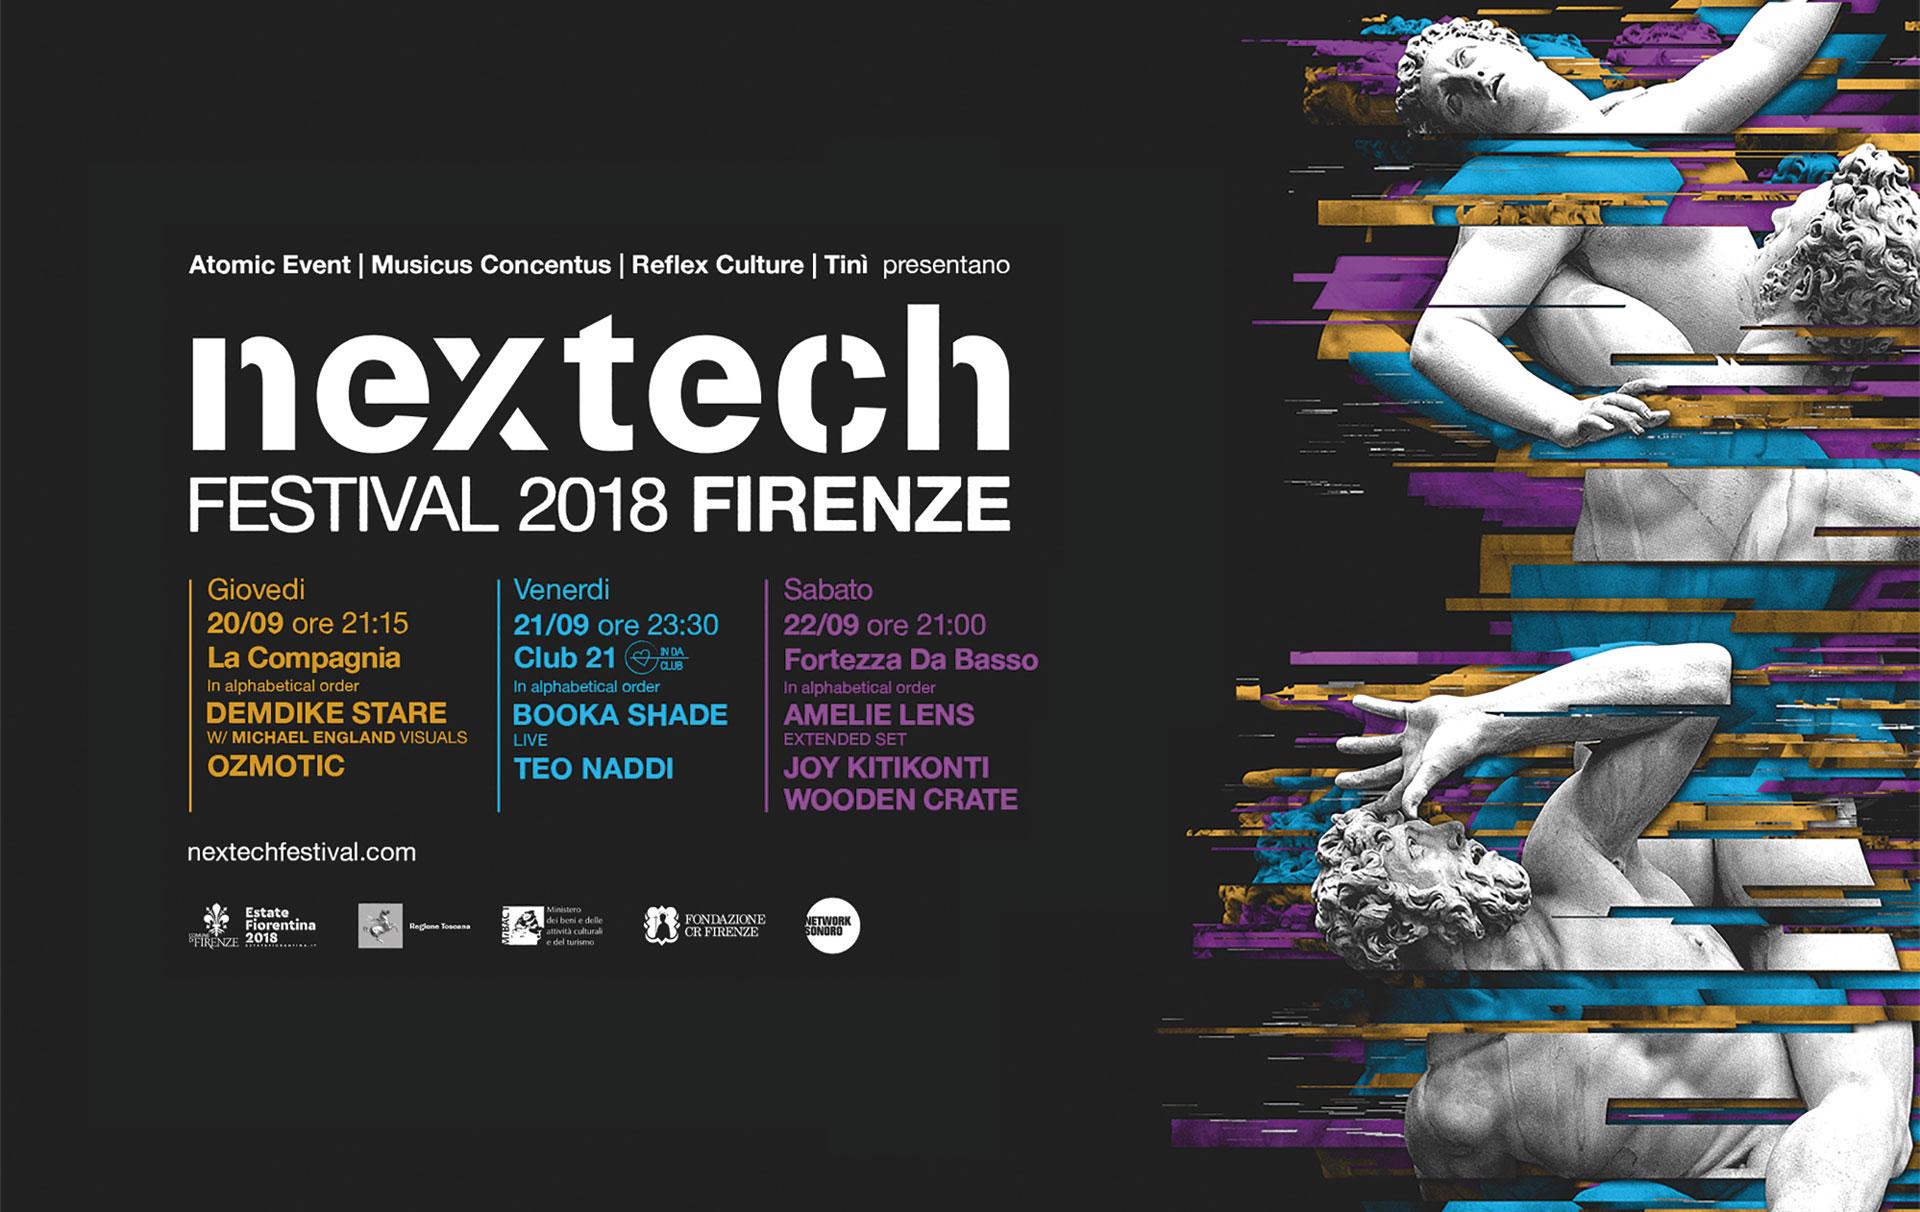 nextech-festival-2018-zerouno-design